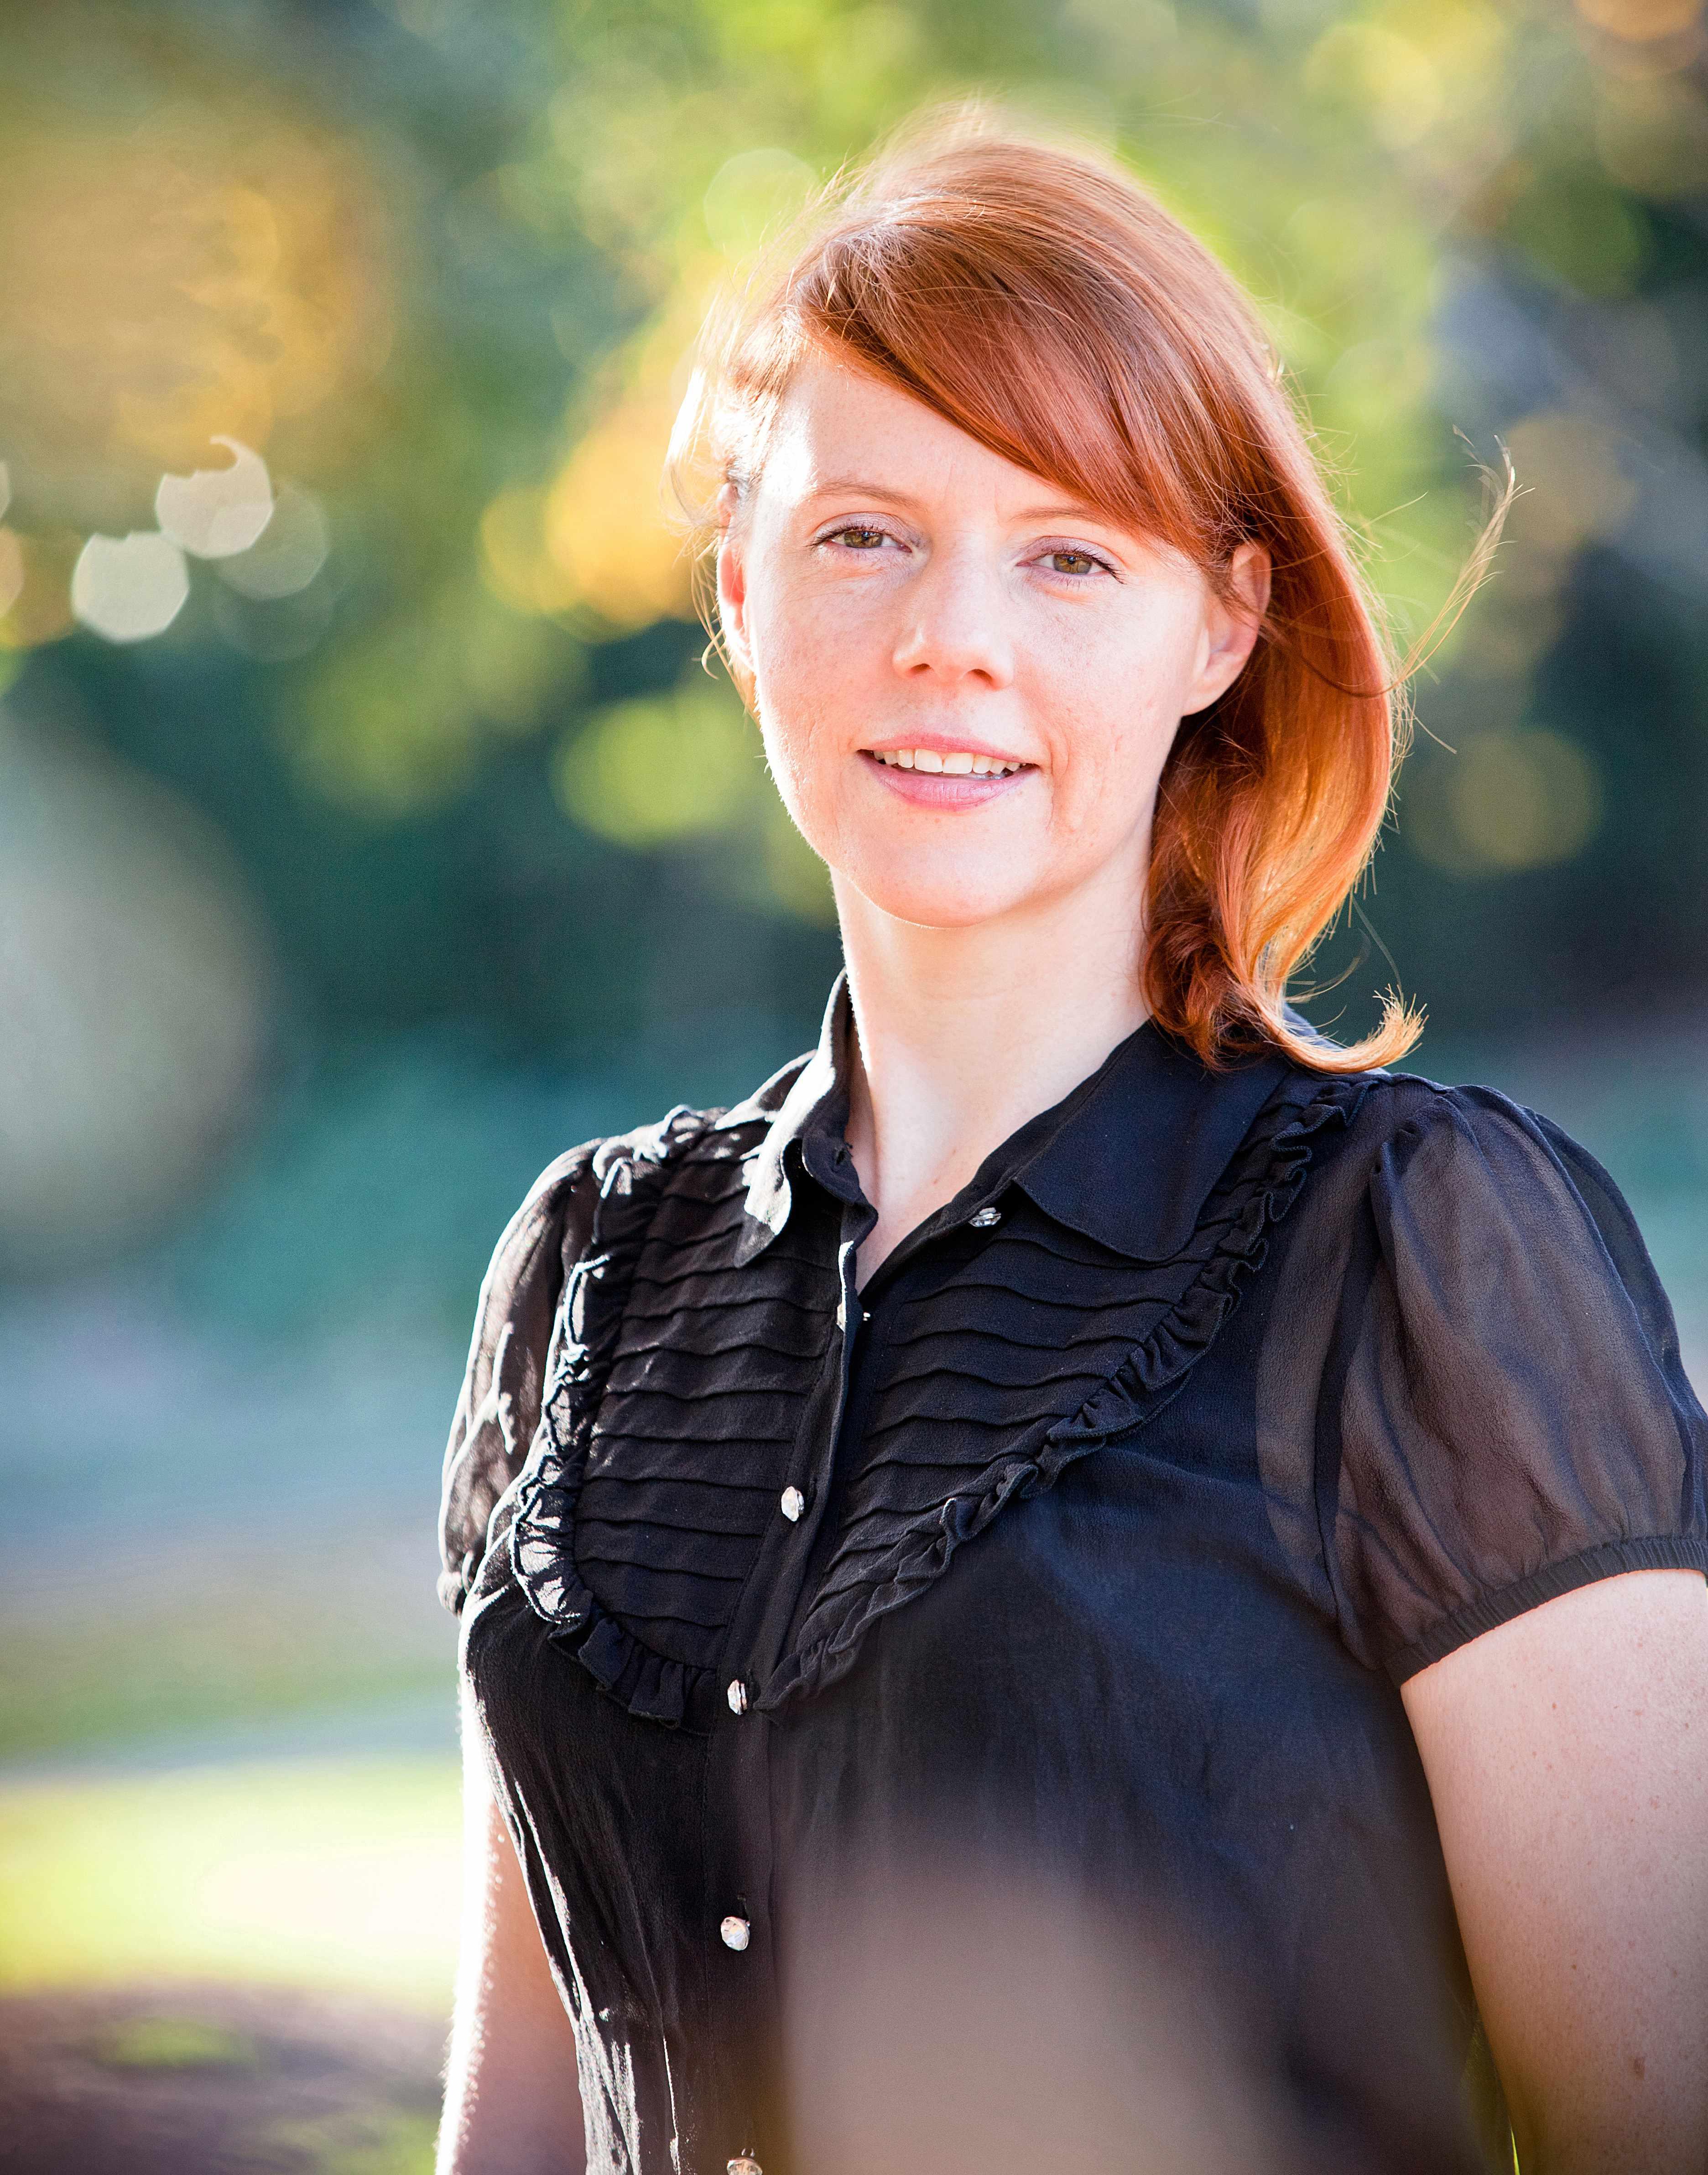 Die Autorin des Romans Jenseits der Untiefen: Favel Parrett